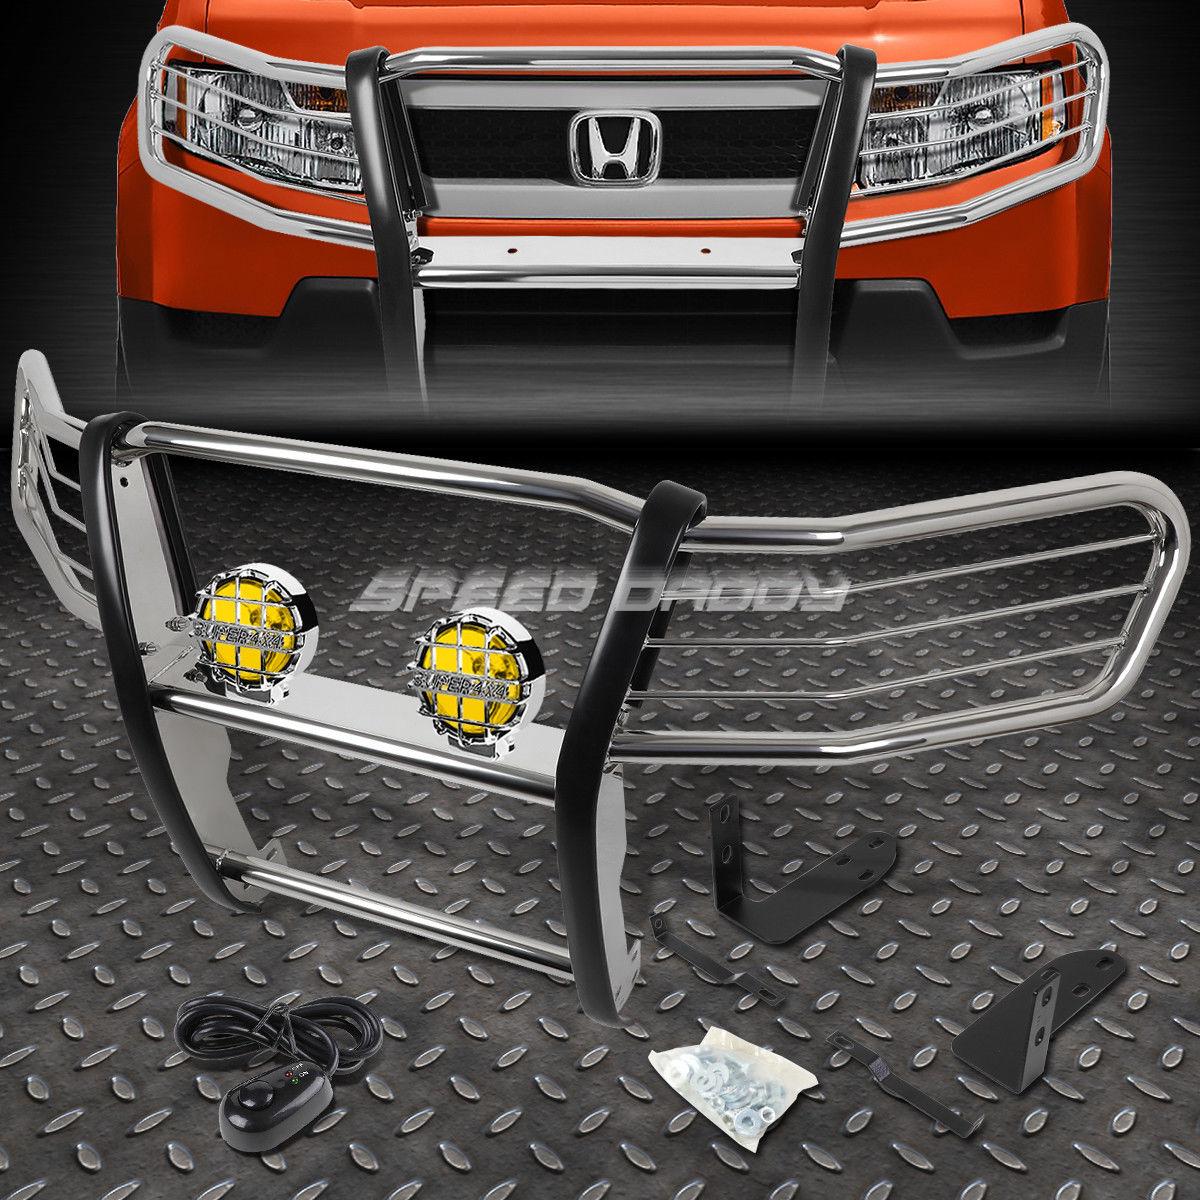 <title>車用品 ハイクオリティ バイク用品 >> パーツ ライト ランプ その他 フォグライト CHROME BRUSH GRILL GUARD+ROUND AMBER FOG LIGHT FOR 03-11 HONDA ELEMENT Y1 H1 03-11ホンダエレメントY1 H1用のクロムブラシグリルガード+ラウンドアンバーフォグライト</title>